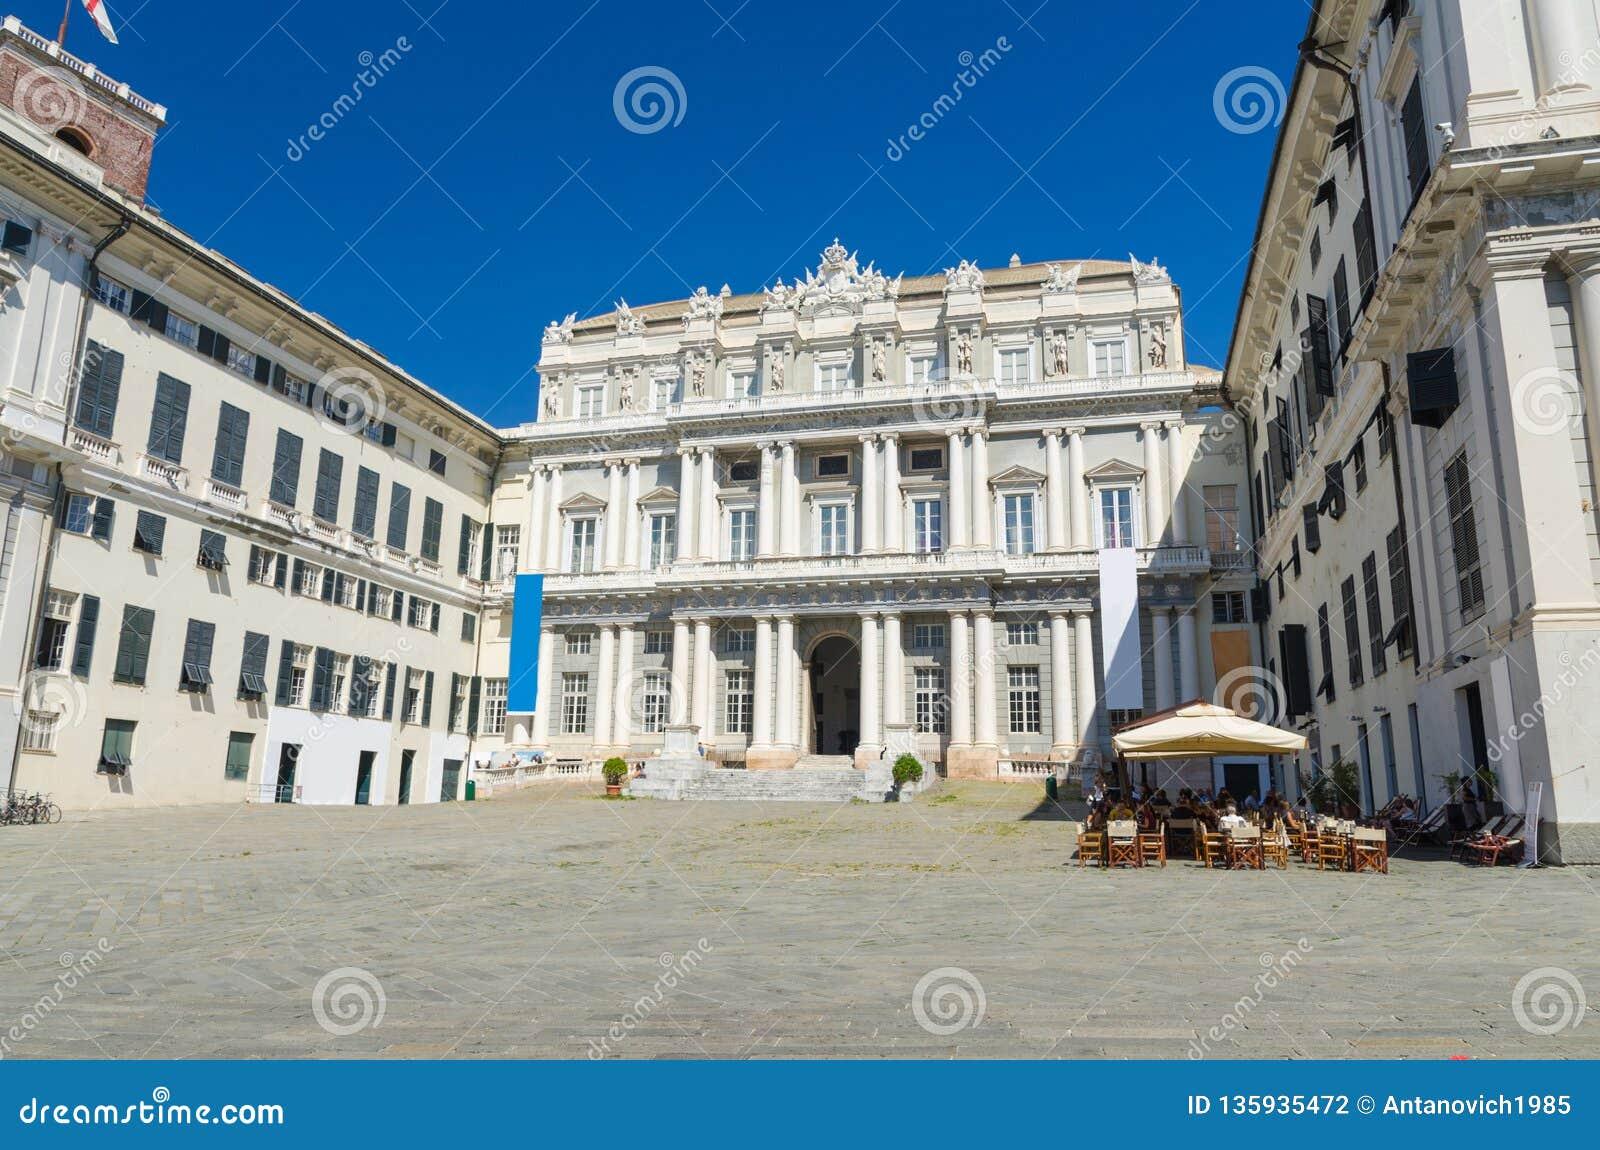 Costruzione classica di stile di Palazzo Ducale del palazzo ducale sul quadrato di Giacomo Matteotti della piazza